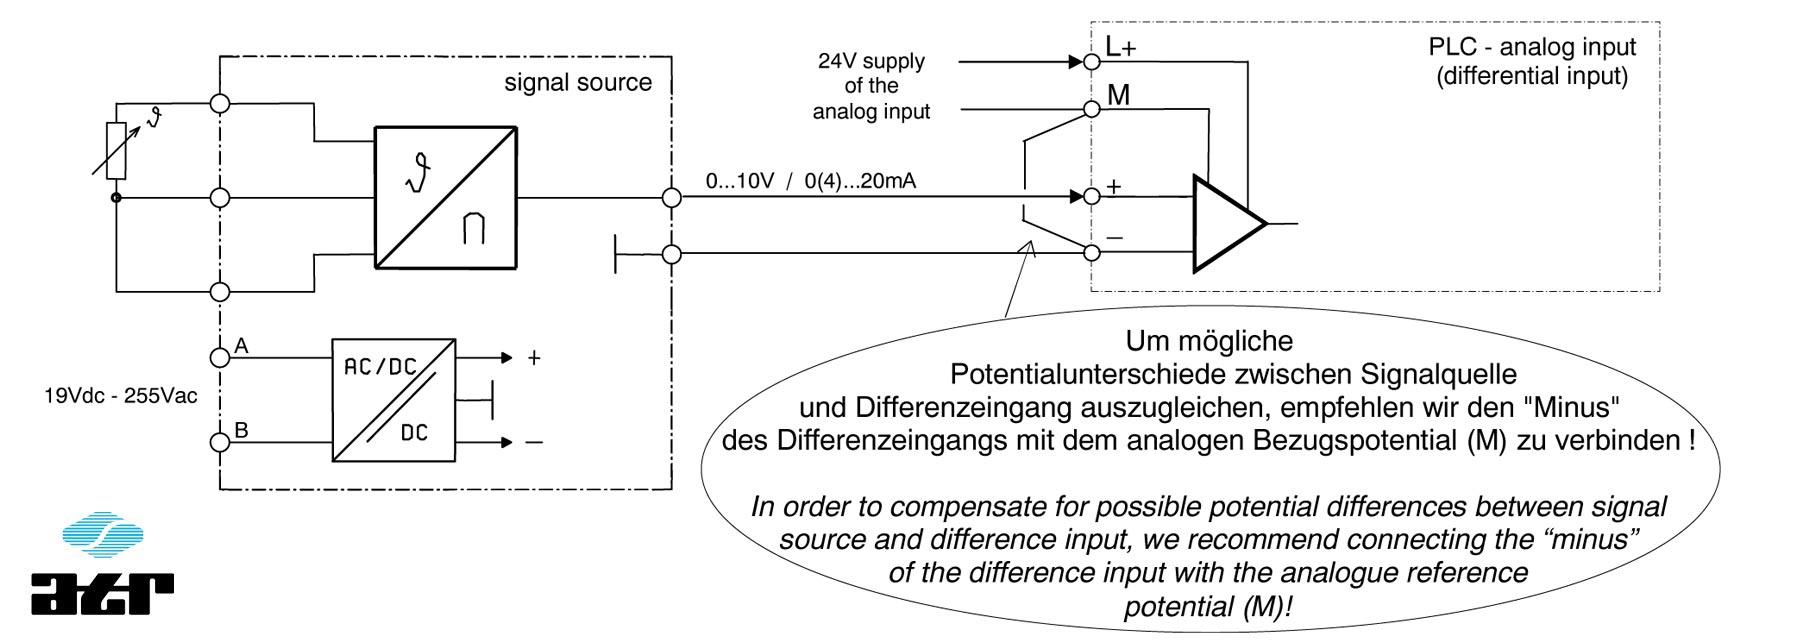 Anschluss von analogen Signalquellen an Differenzeingänge mit potentialbehafteter Versorgung (ATR)